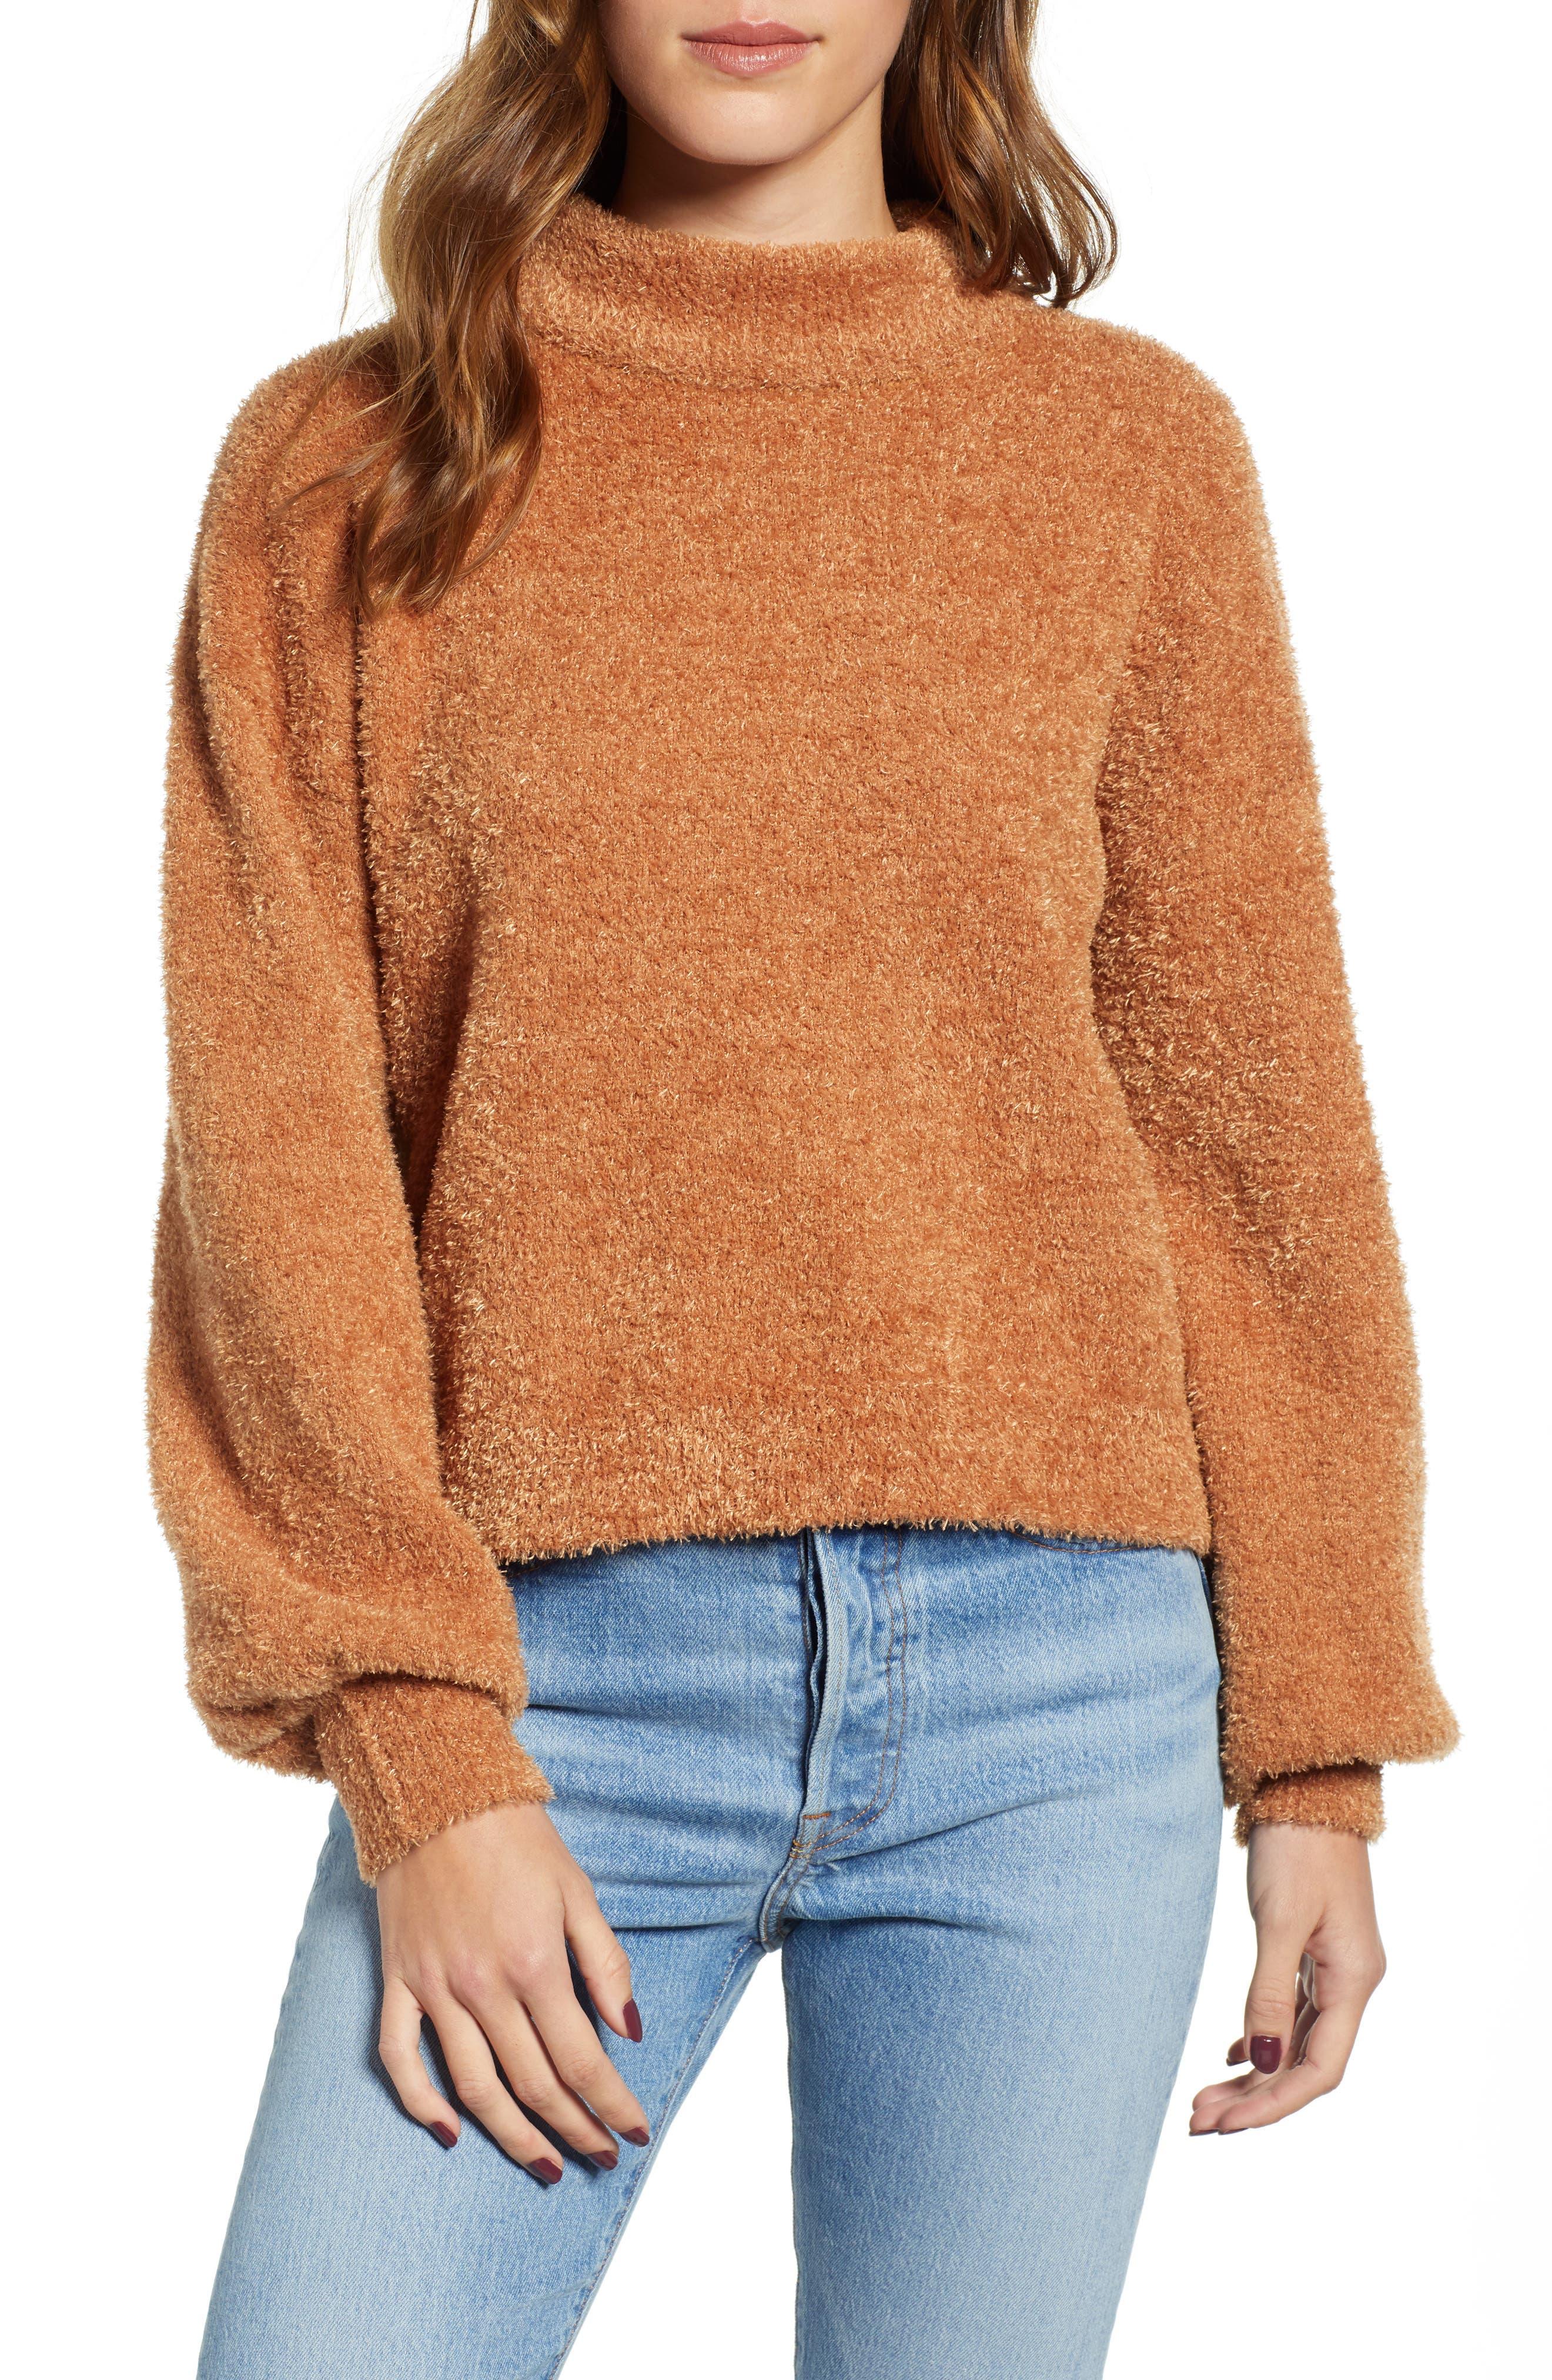 CODEXMODE Cozy Chenille Sweater, Main, color, 250